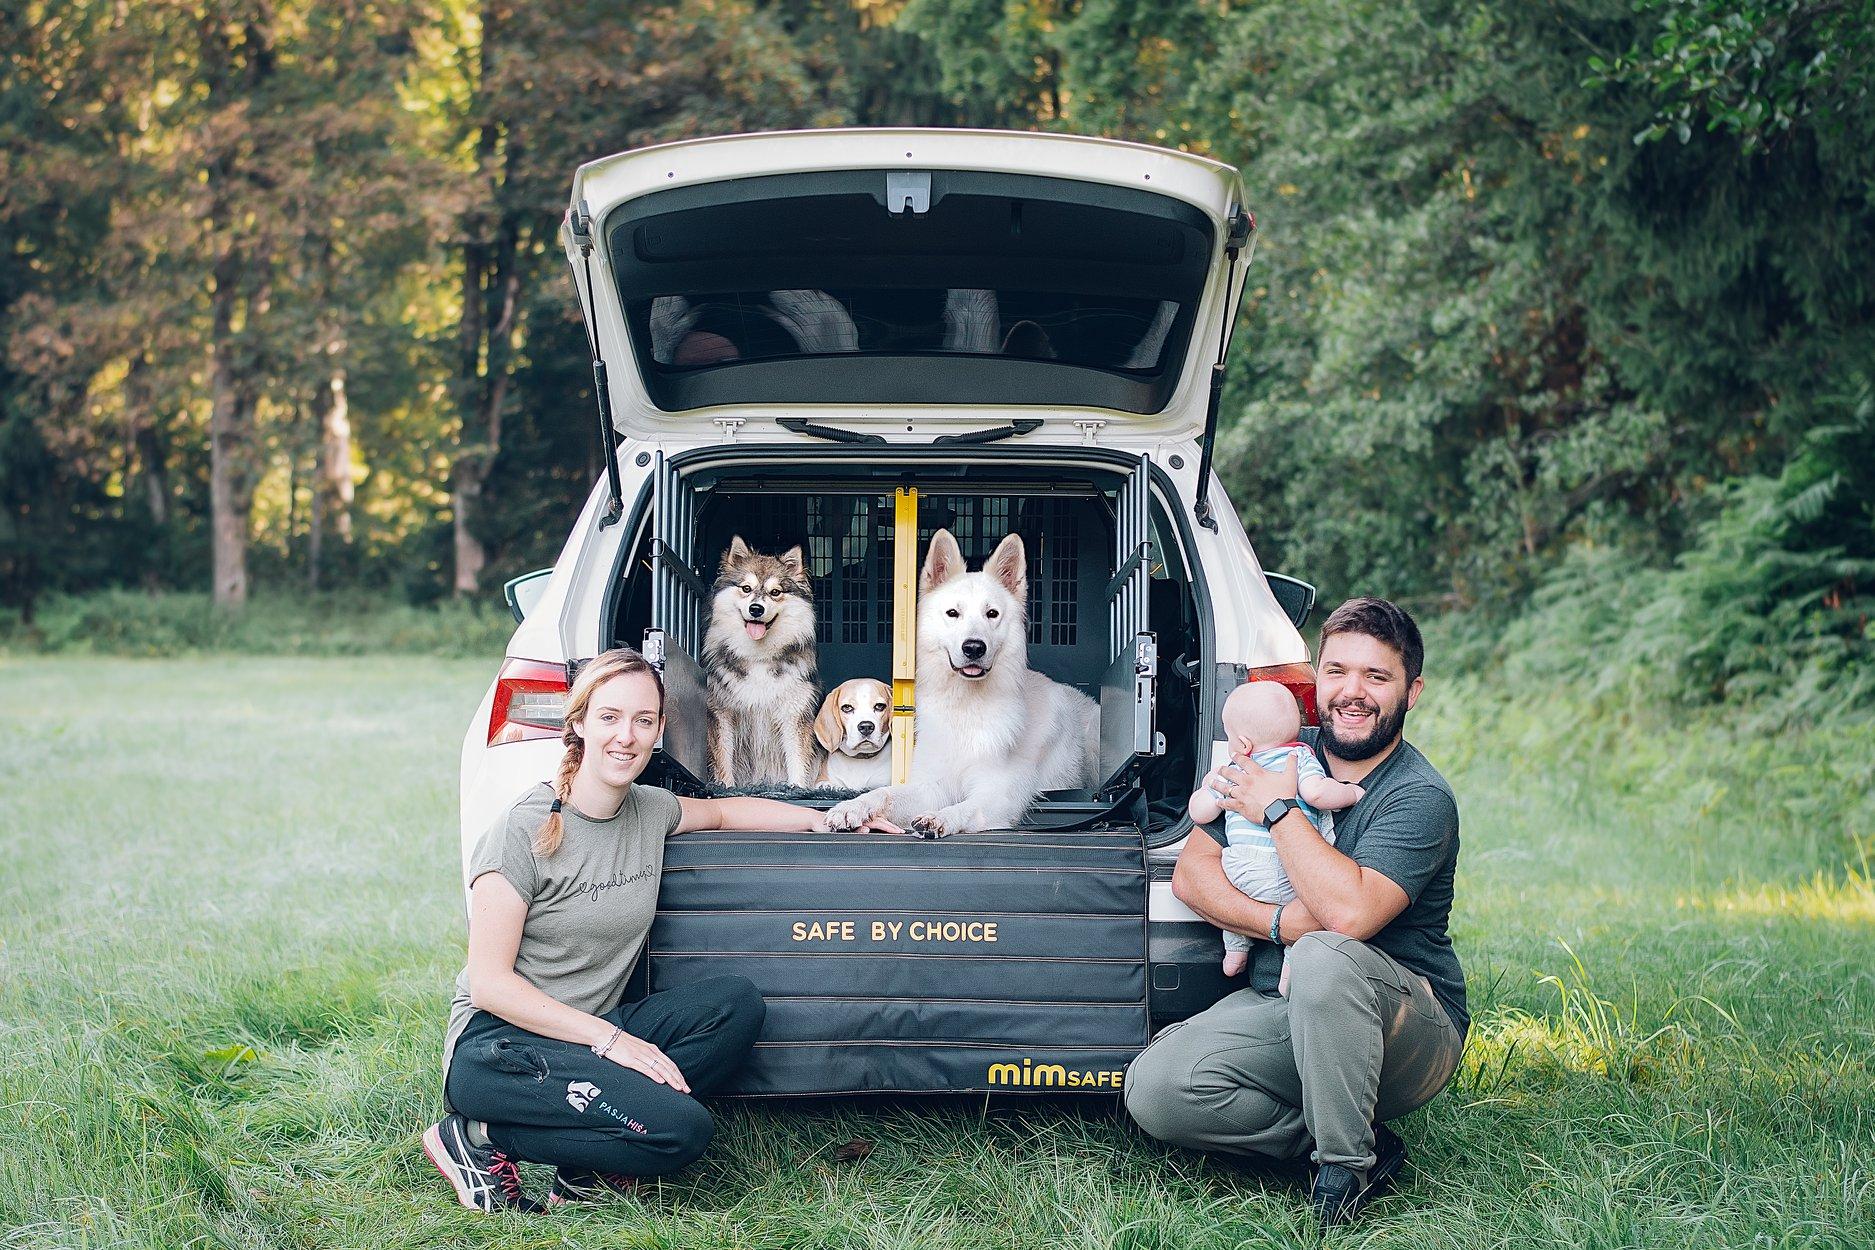 Varen prevoz psov